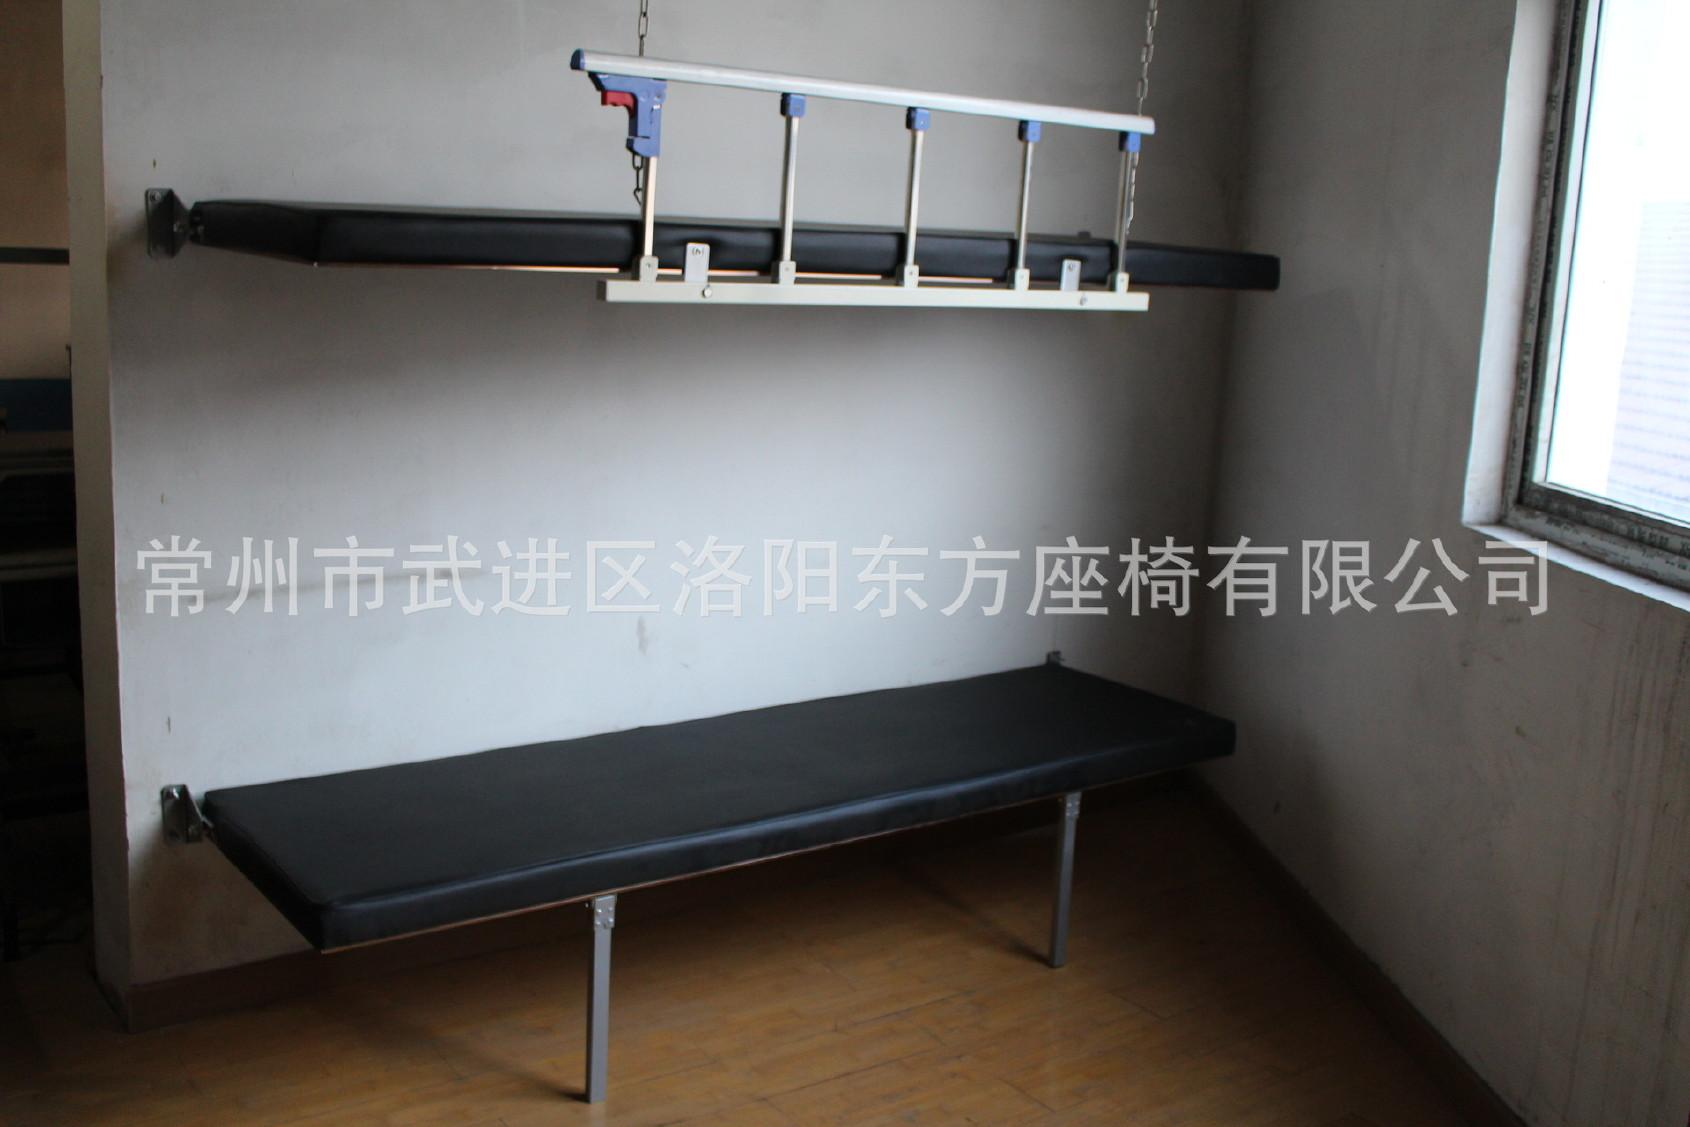 厂家定做翻转床,折叠床集装箱房屋,火车卧铺,船舶,汽车改装